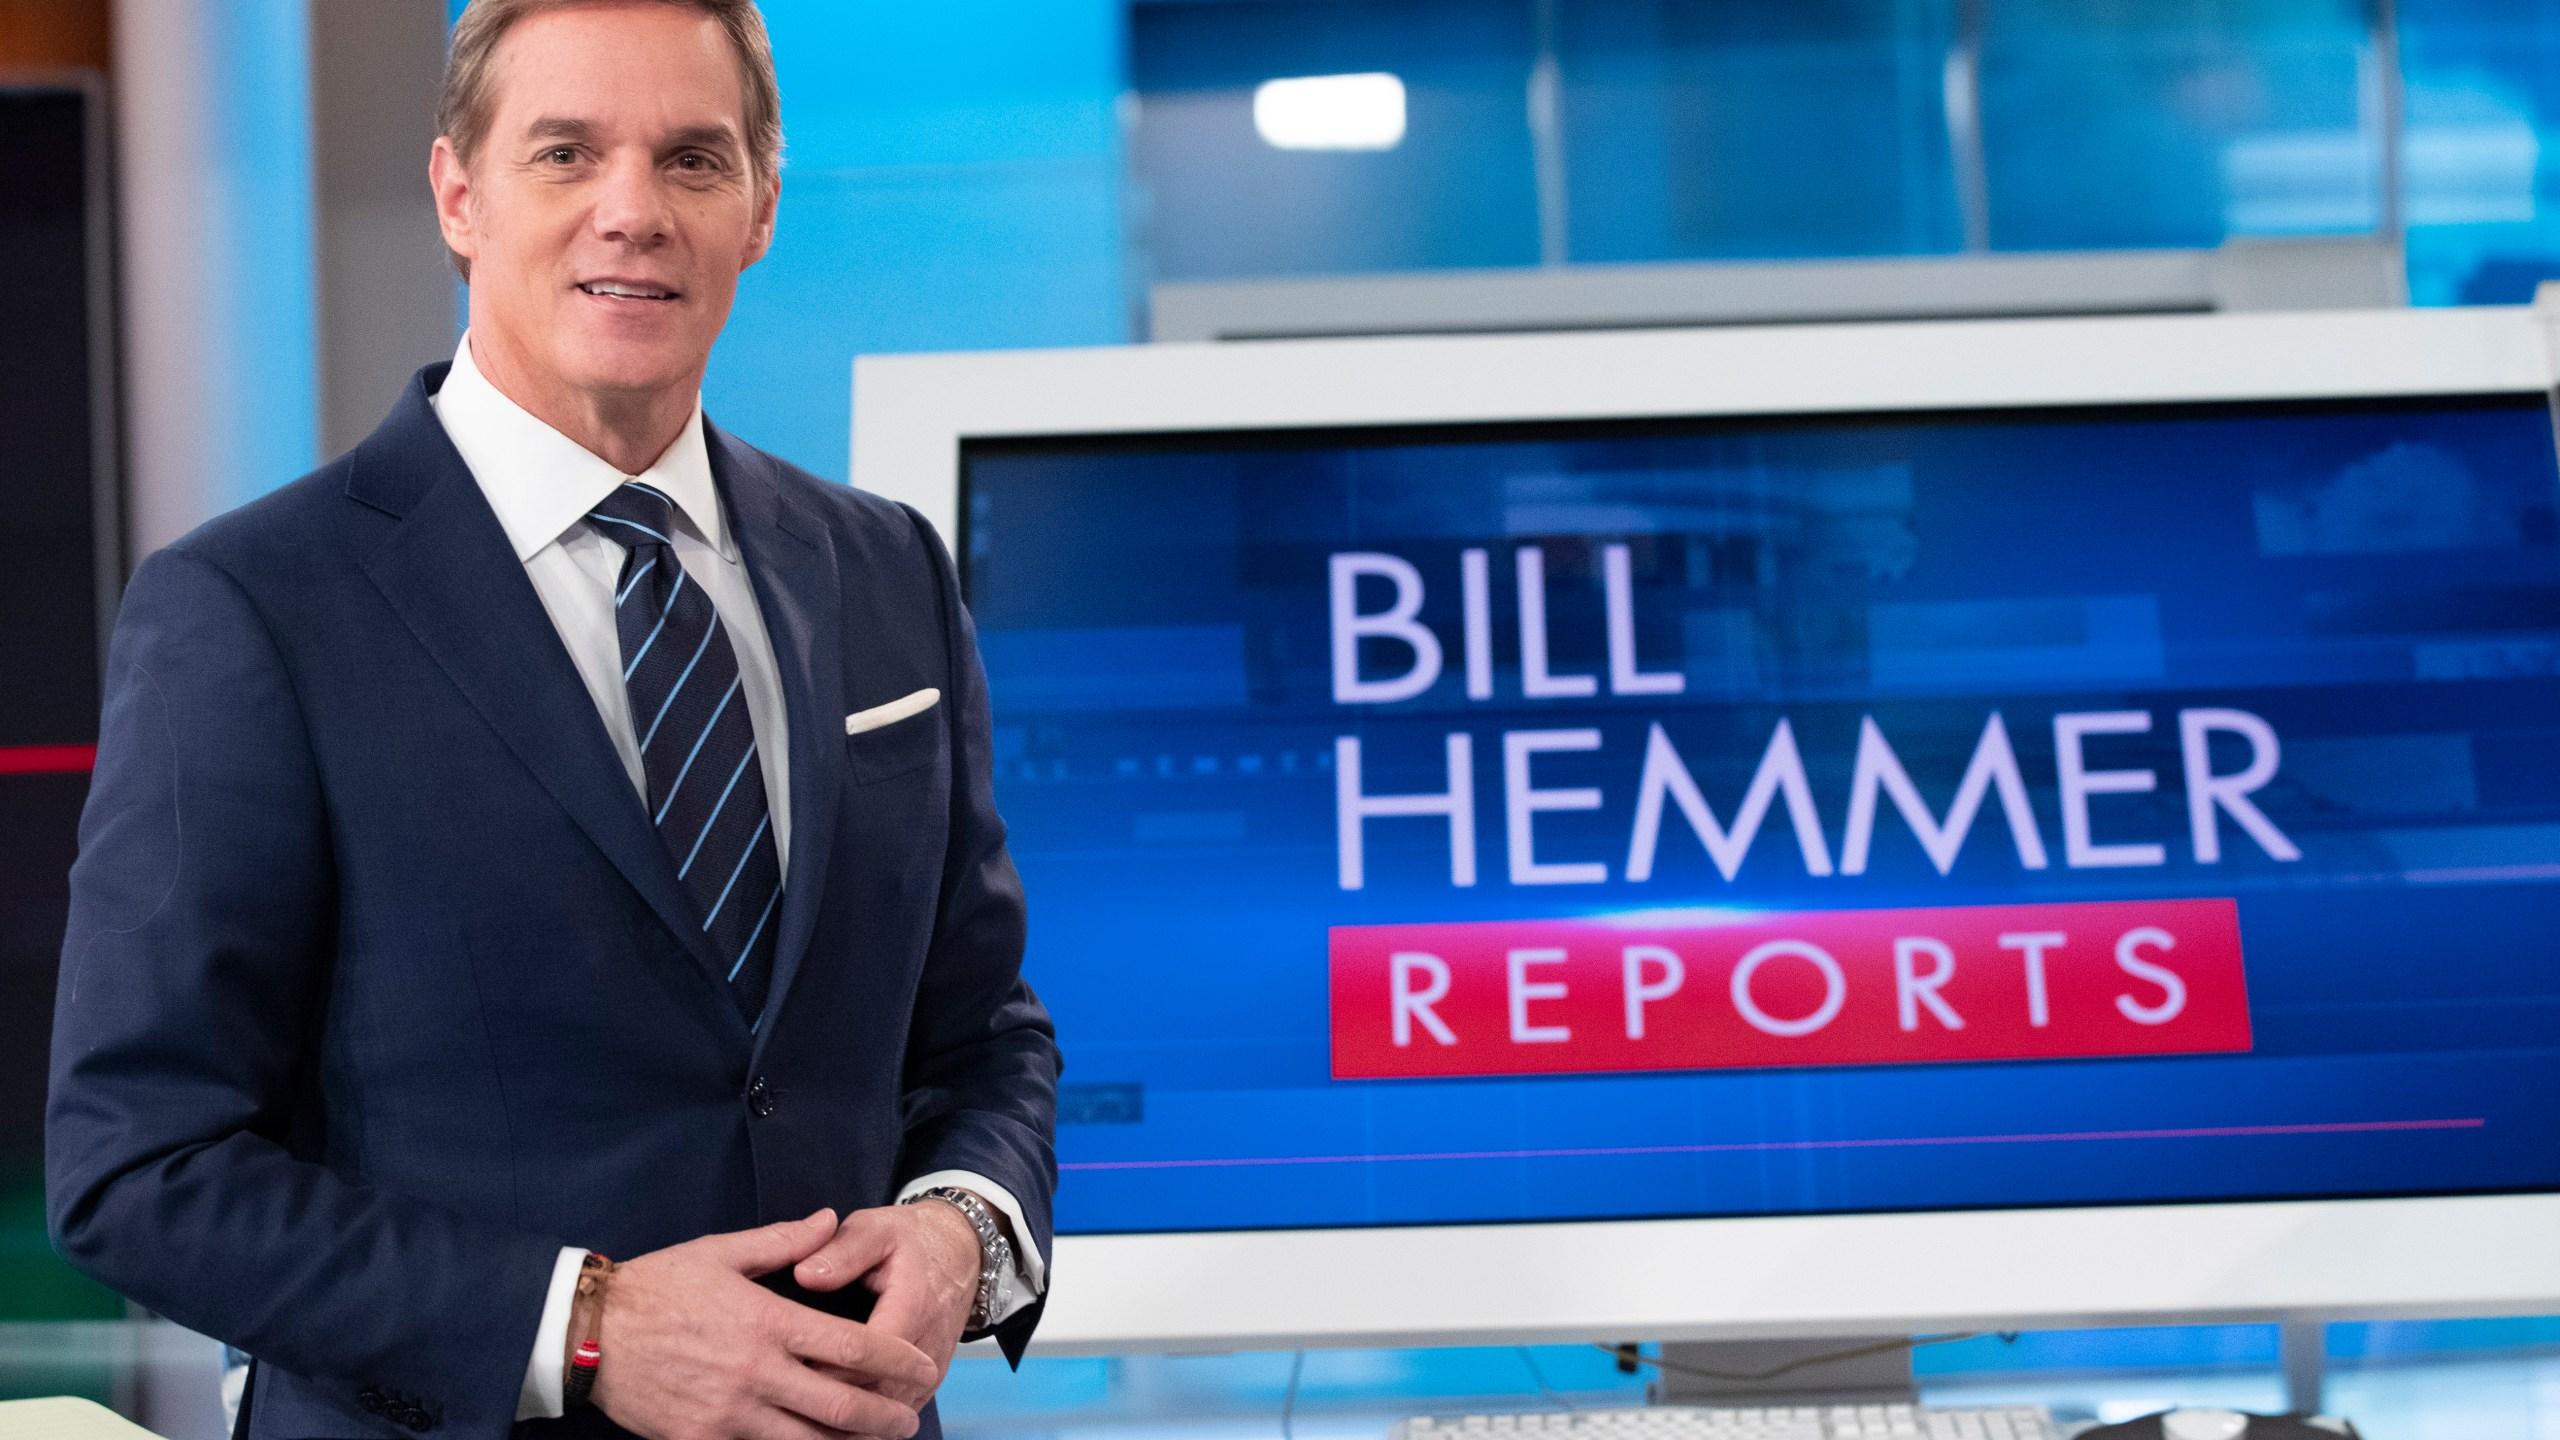 Bill Hemmer